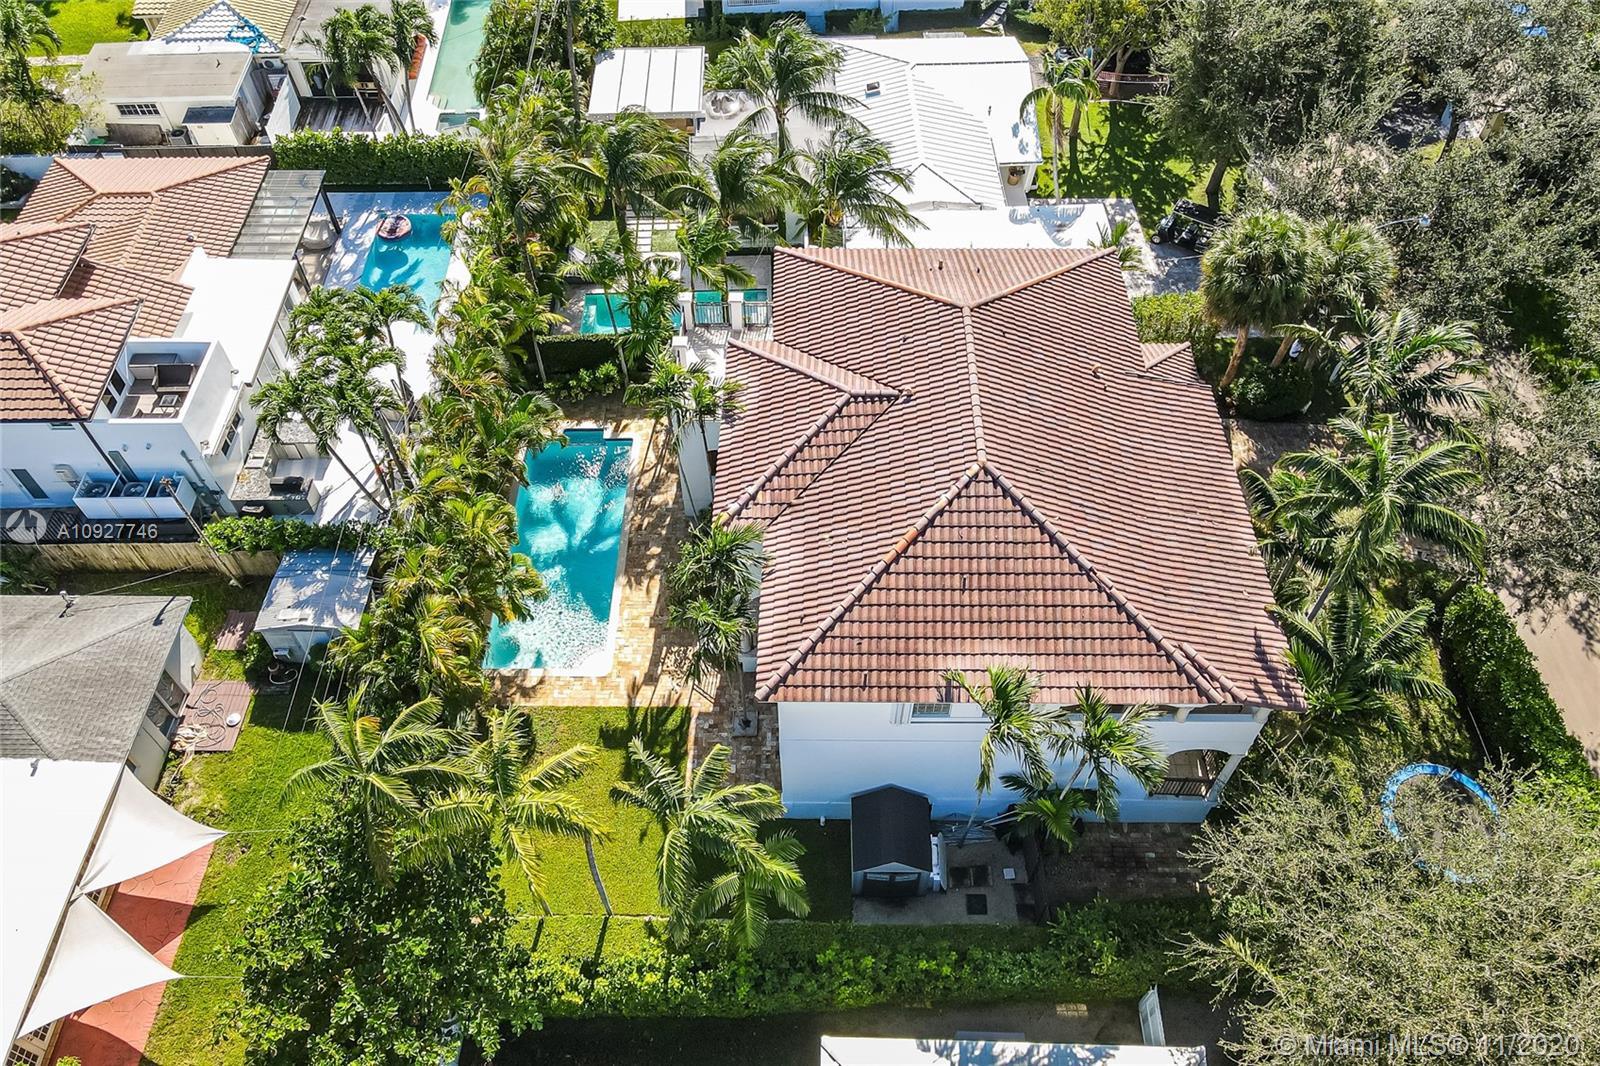 Tropical Isle Homes - 445 Warren Ln, Key Biscayne, FL 33149